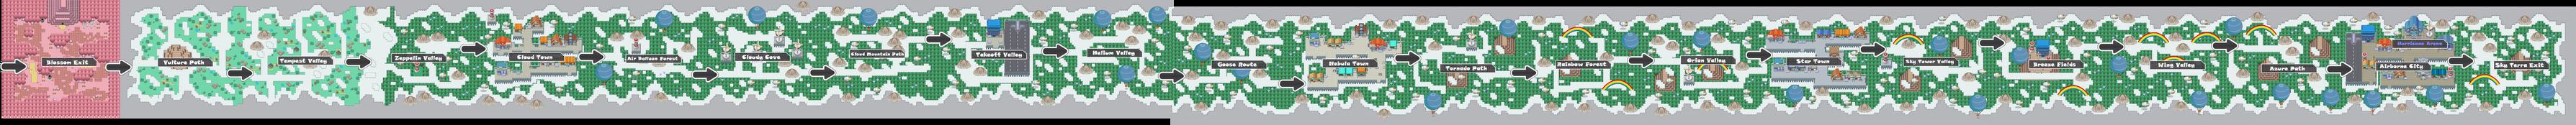 Pokemon Like Monster MMORPG V2 Zone 15 World Map by MonsterMMORPG